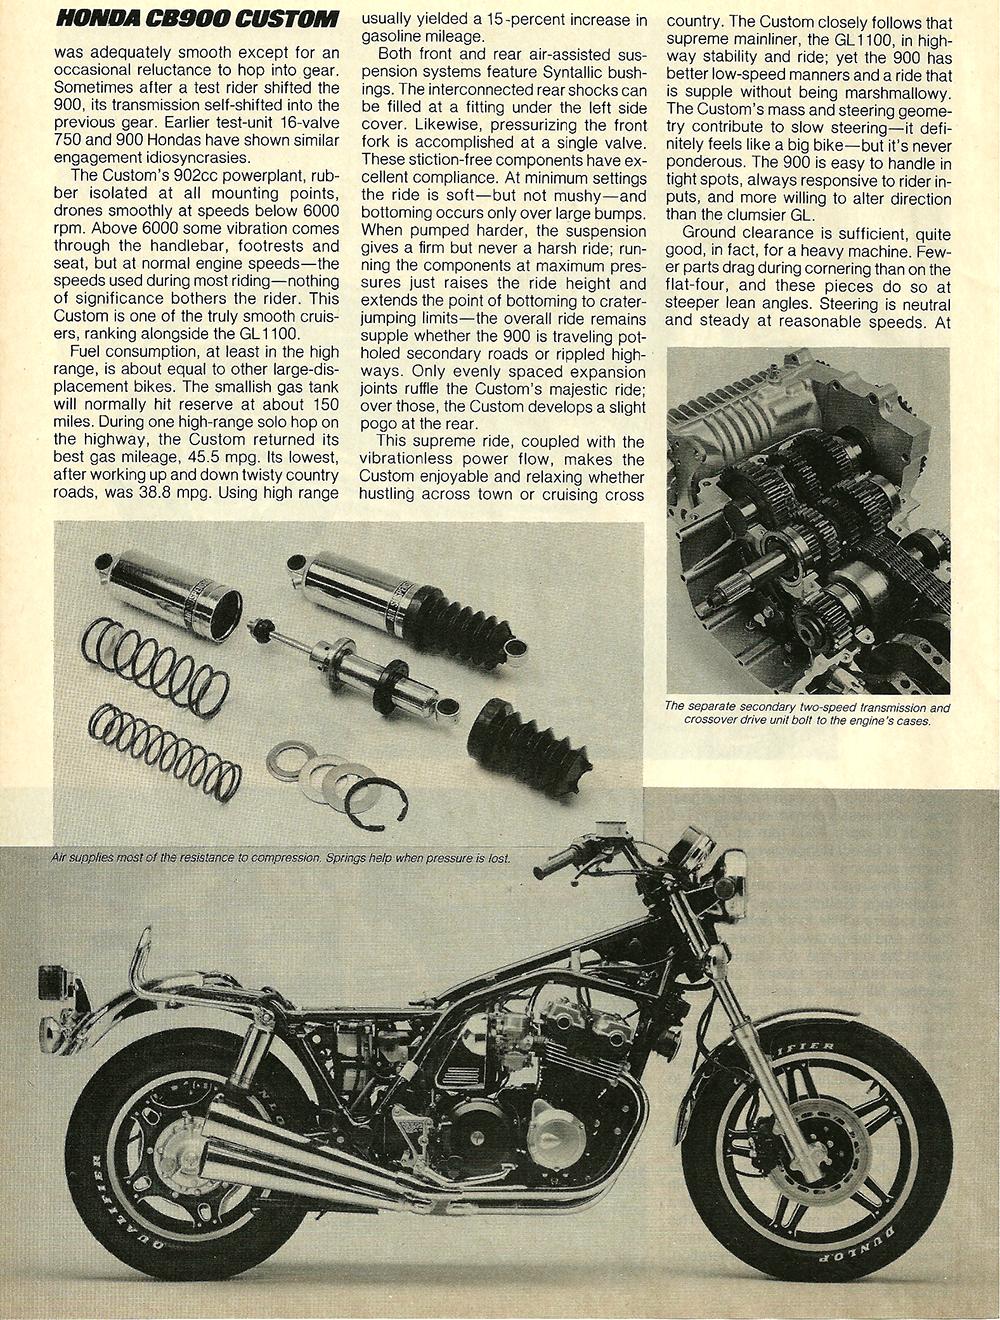 1982 Honda CB900C Custom road test 5.jpg